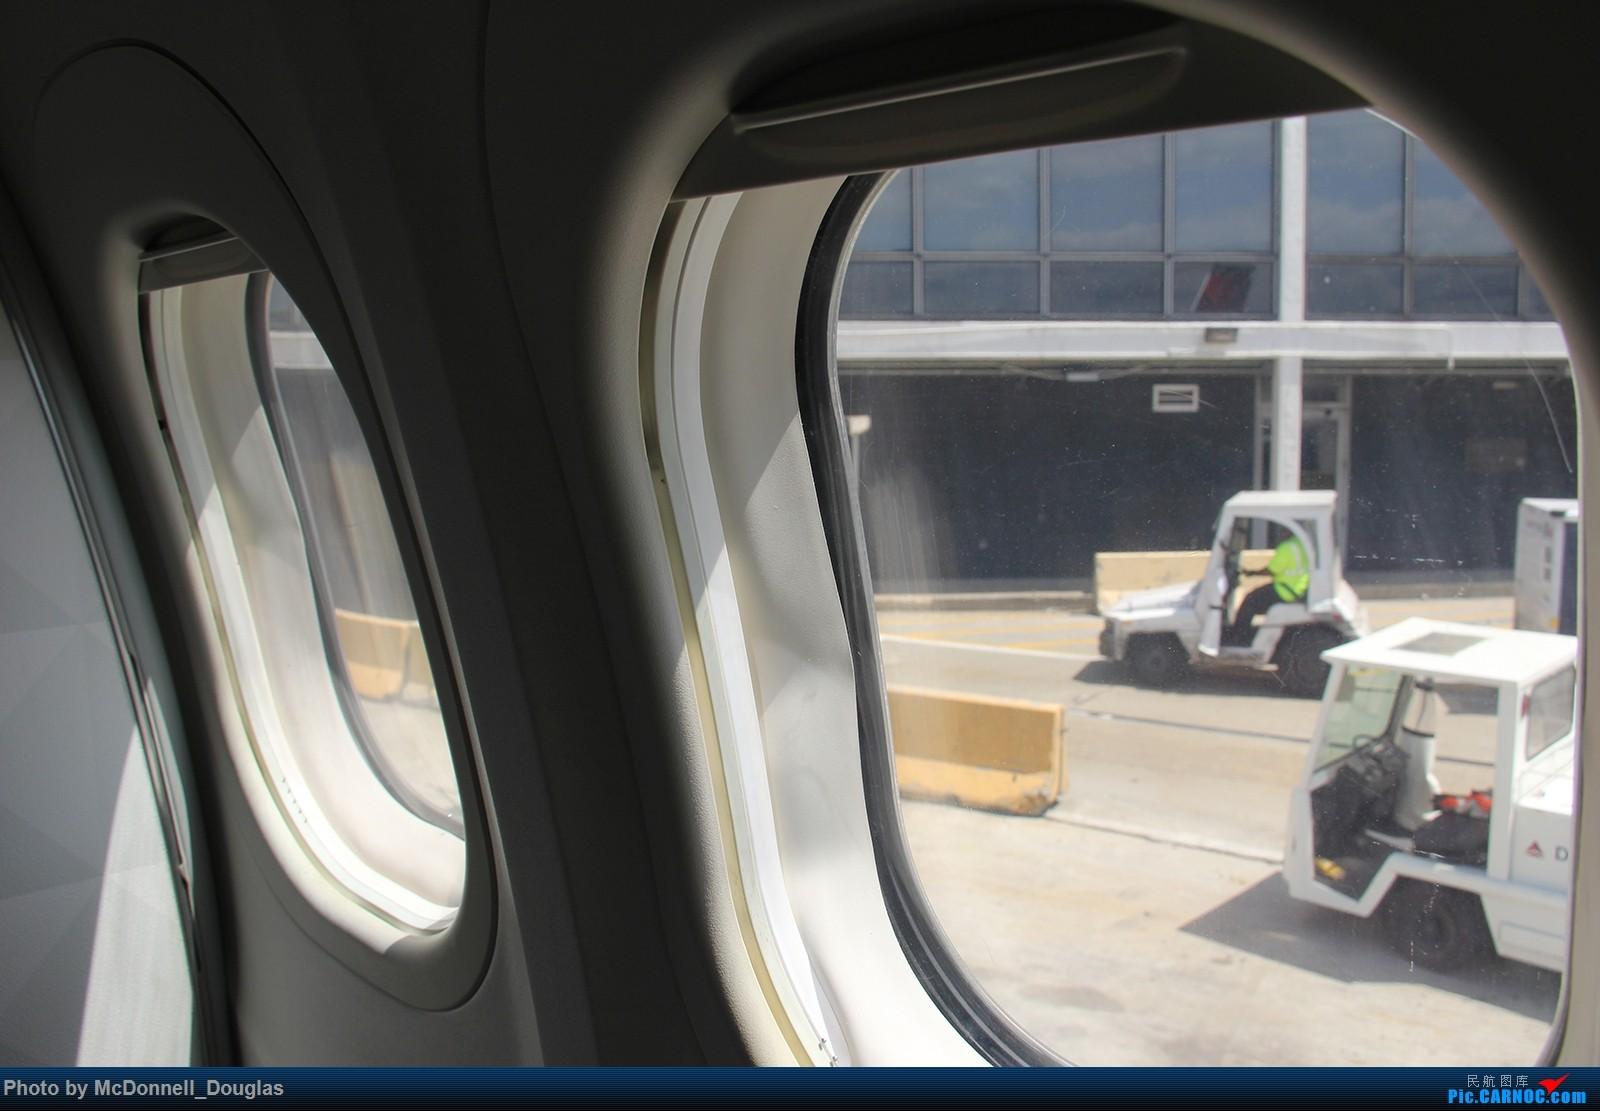 Re:[原创]【上海飞友会】图会很多,也有很多驾驶舱,杂七杂八的美帝,梦寐以求的圣马丁,这更绝不弃贴【驾驶舱已出现】 BOEING717-2BD N922AT 美国芝加哥奥黑尔国际机场